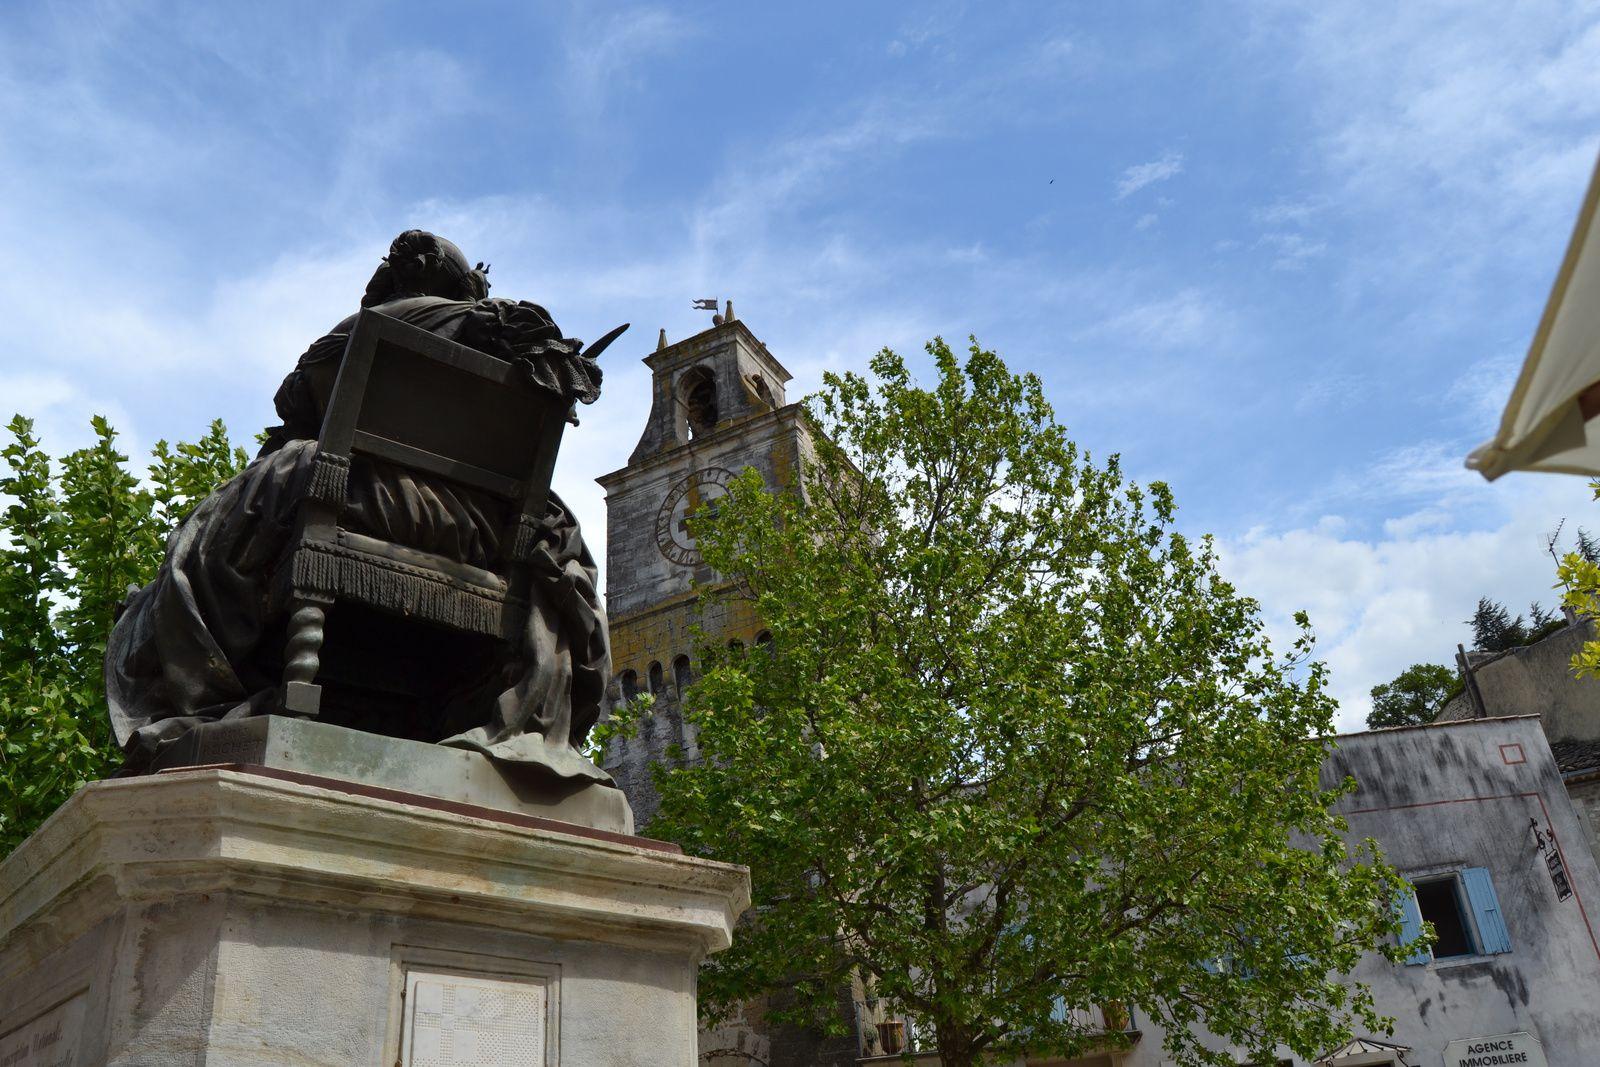 Le conseil municipal de Grignan a récemment approuvé la proposition émise par la direction régionale des affaires culturelles de classer la statue en bronze de la marquise de Sévigné au titre des monuments historiques. Installée sur la place Sévigné au dessus d'une fontaine, elle fut commandée par l'ancien maire François-Auguste Ducros au sculpteur parisien Louis Rochet et inaugurée le 4 octobre 1857. Marie de Rabutin-Chantal, marquise de Sévigné, est célèbre pour ses correspondances avec sa fille domiciliée au château de Grignan. La marquise y a d'ailleurs séjourné et elle y est décédée en 1696. Sa dépouille se trouve à la collégiale Saint-Sauveur. En 1996, il y a tout juste vingt ans, le maire actuel Bruno Durieux créait le festival de la correspondance en sa mémoire.  (Le Dauphiné du 24/04/2016.)